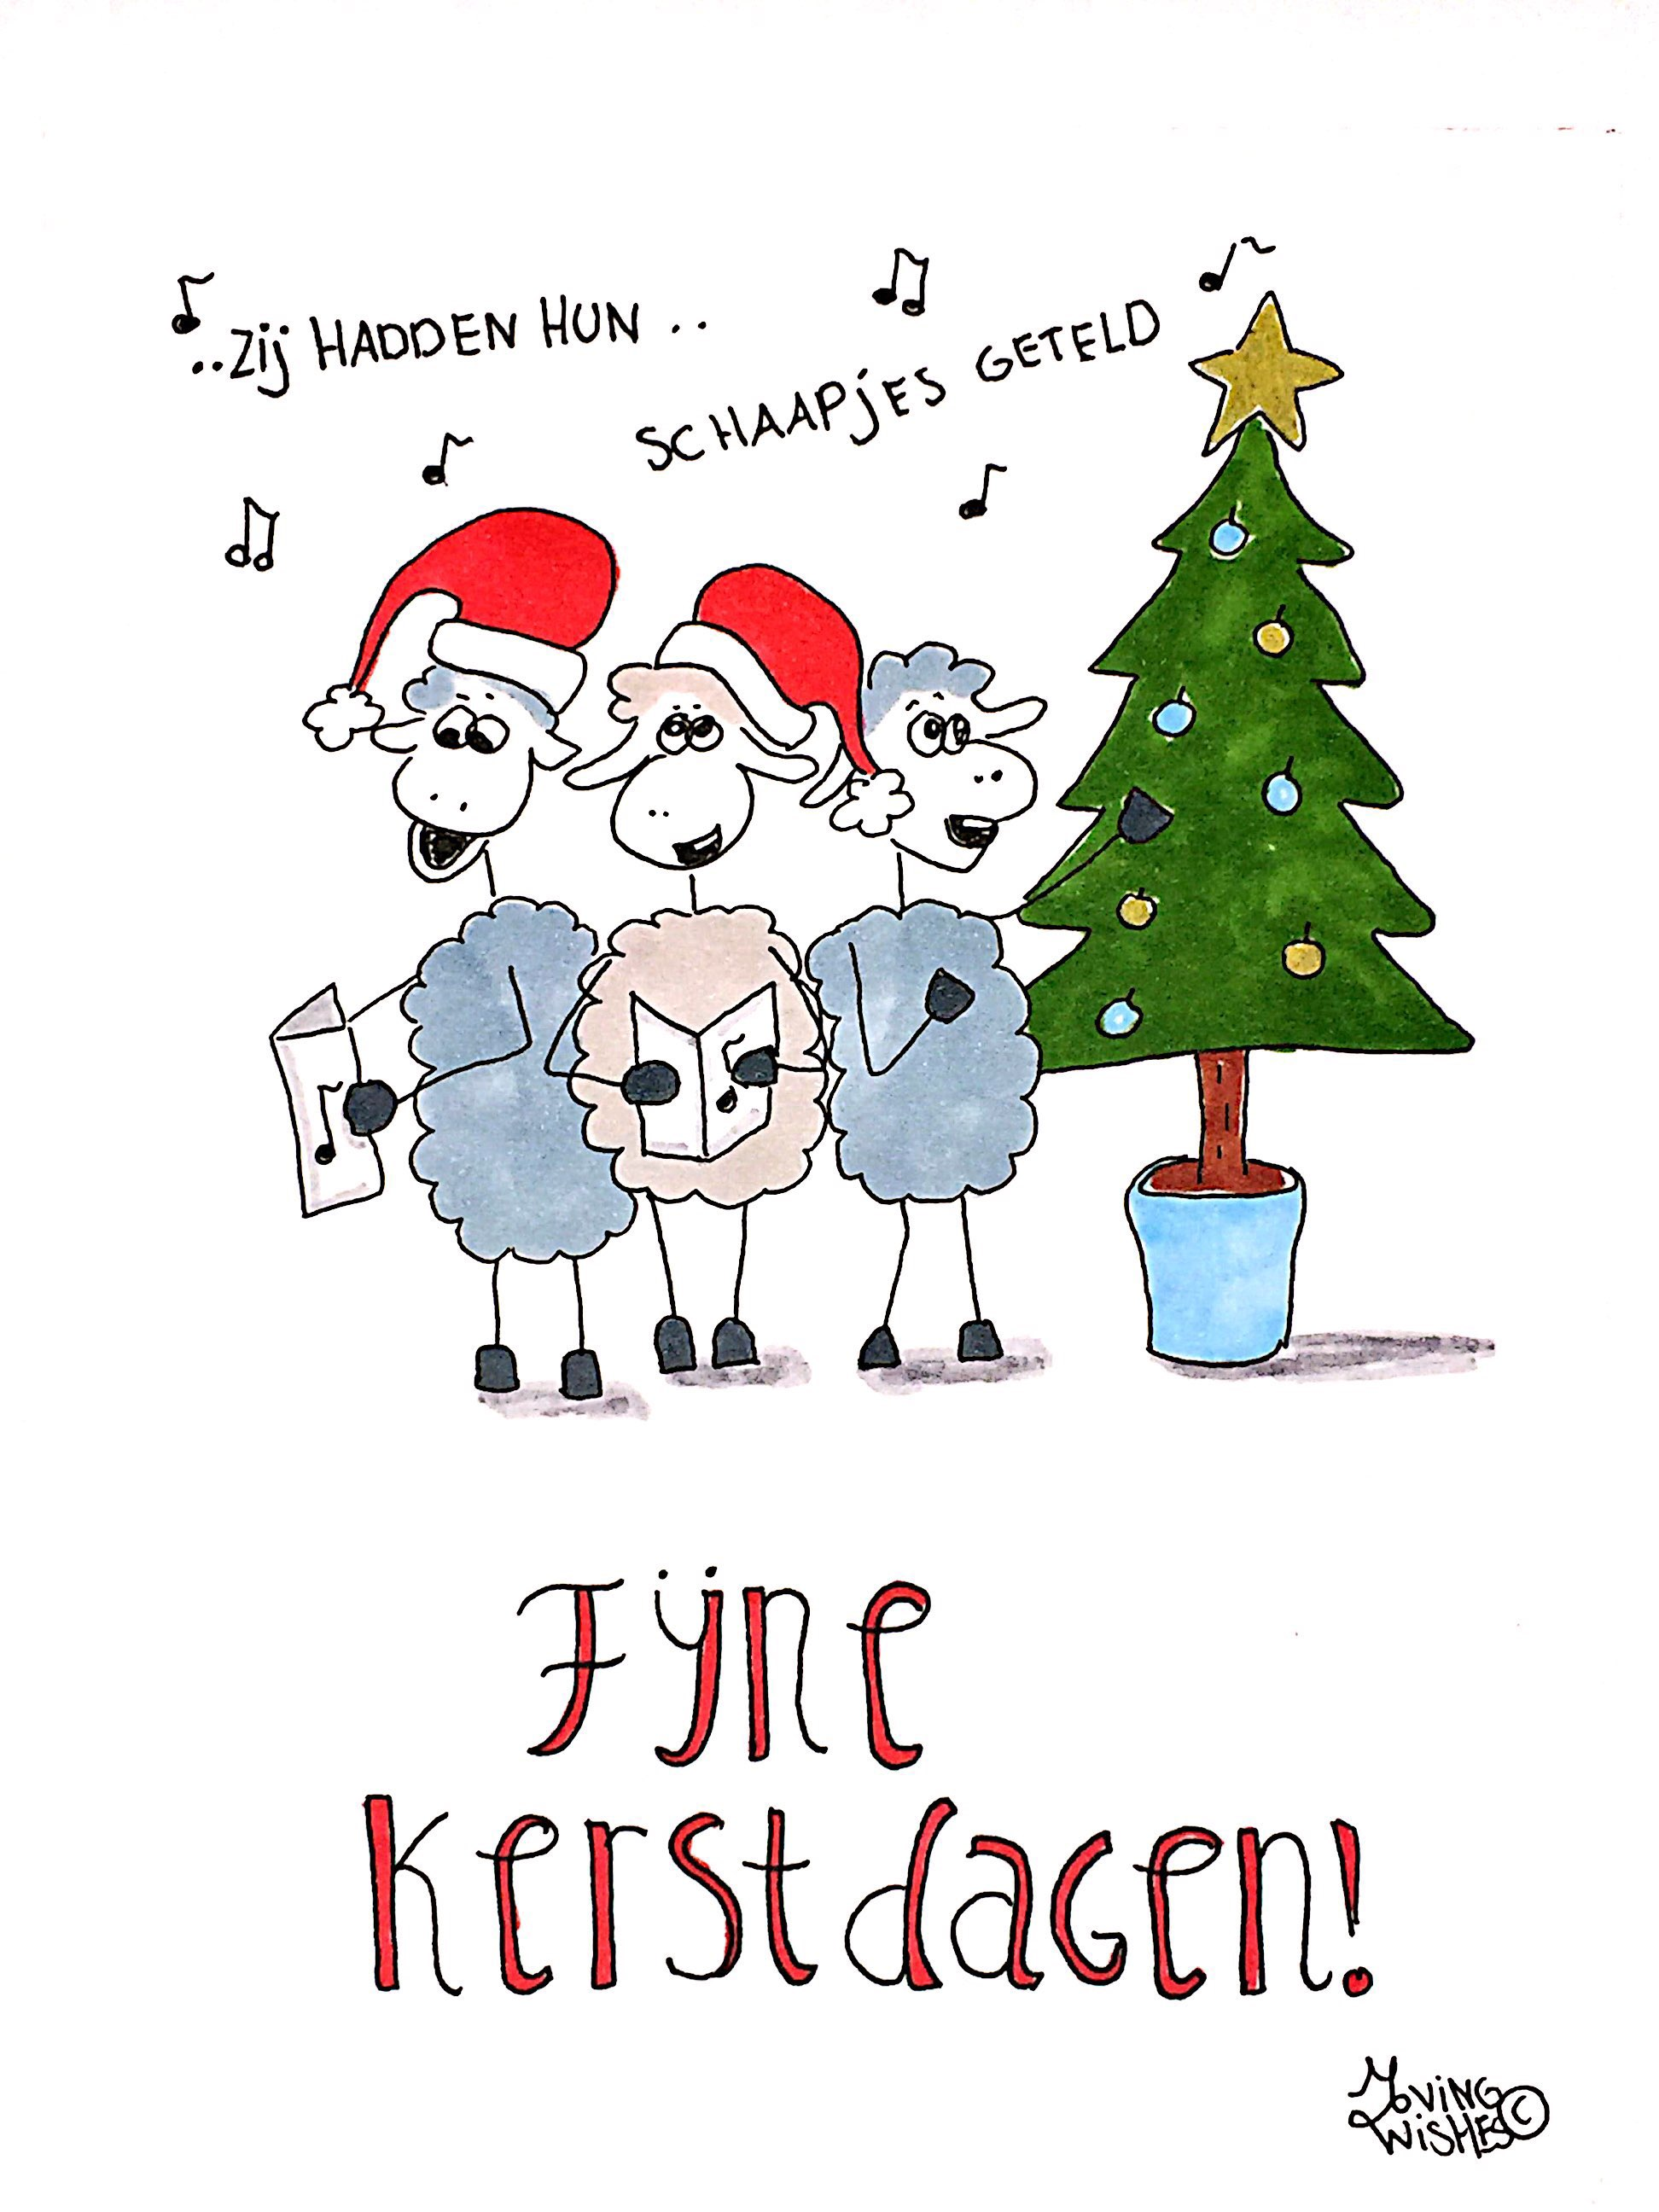 Kerstkaart zingende schaapjes.